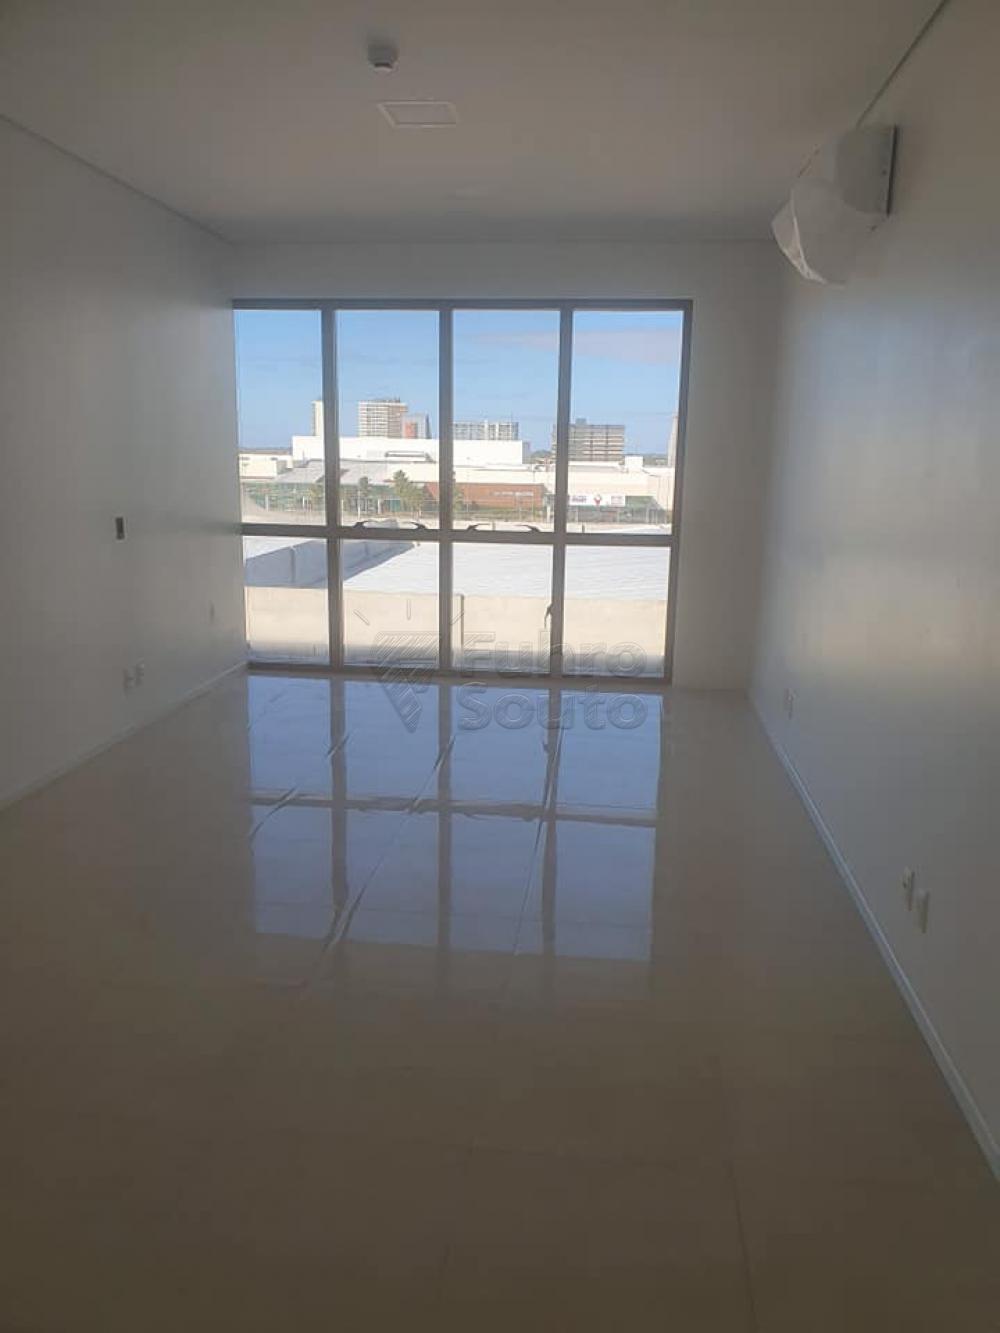 Alugar Comercial / Sala em Condomínio em Pelotas R$ 1.600,00 - Foto 2